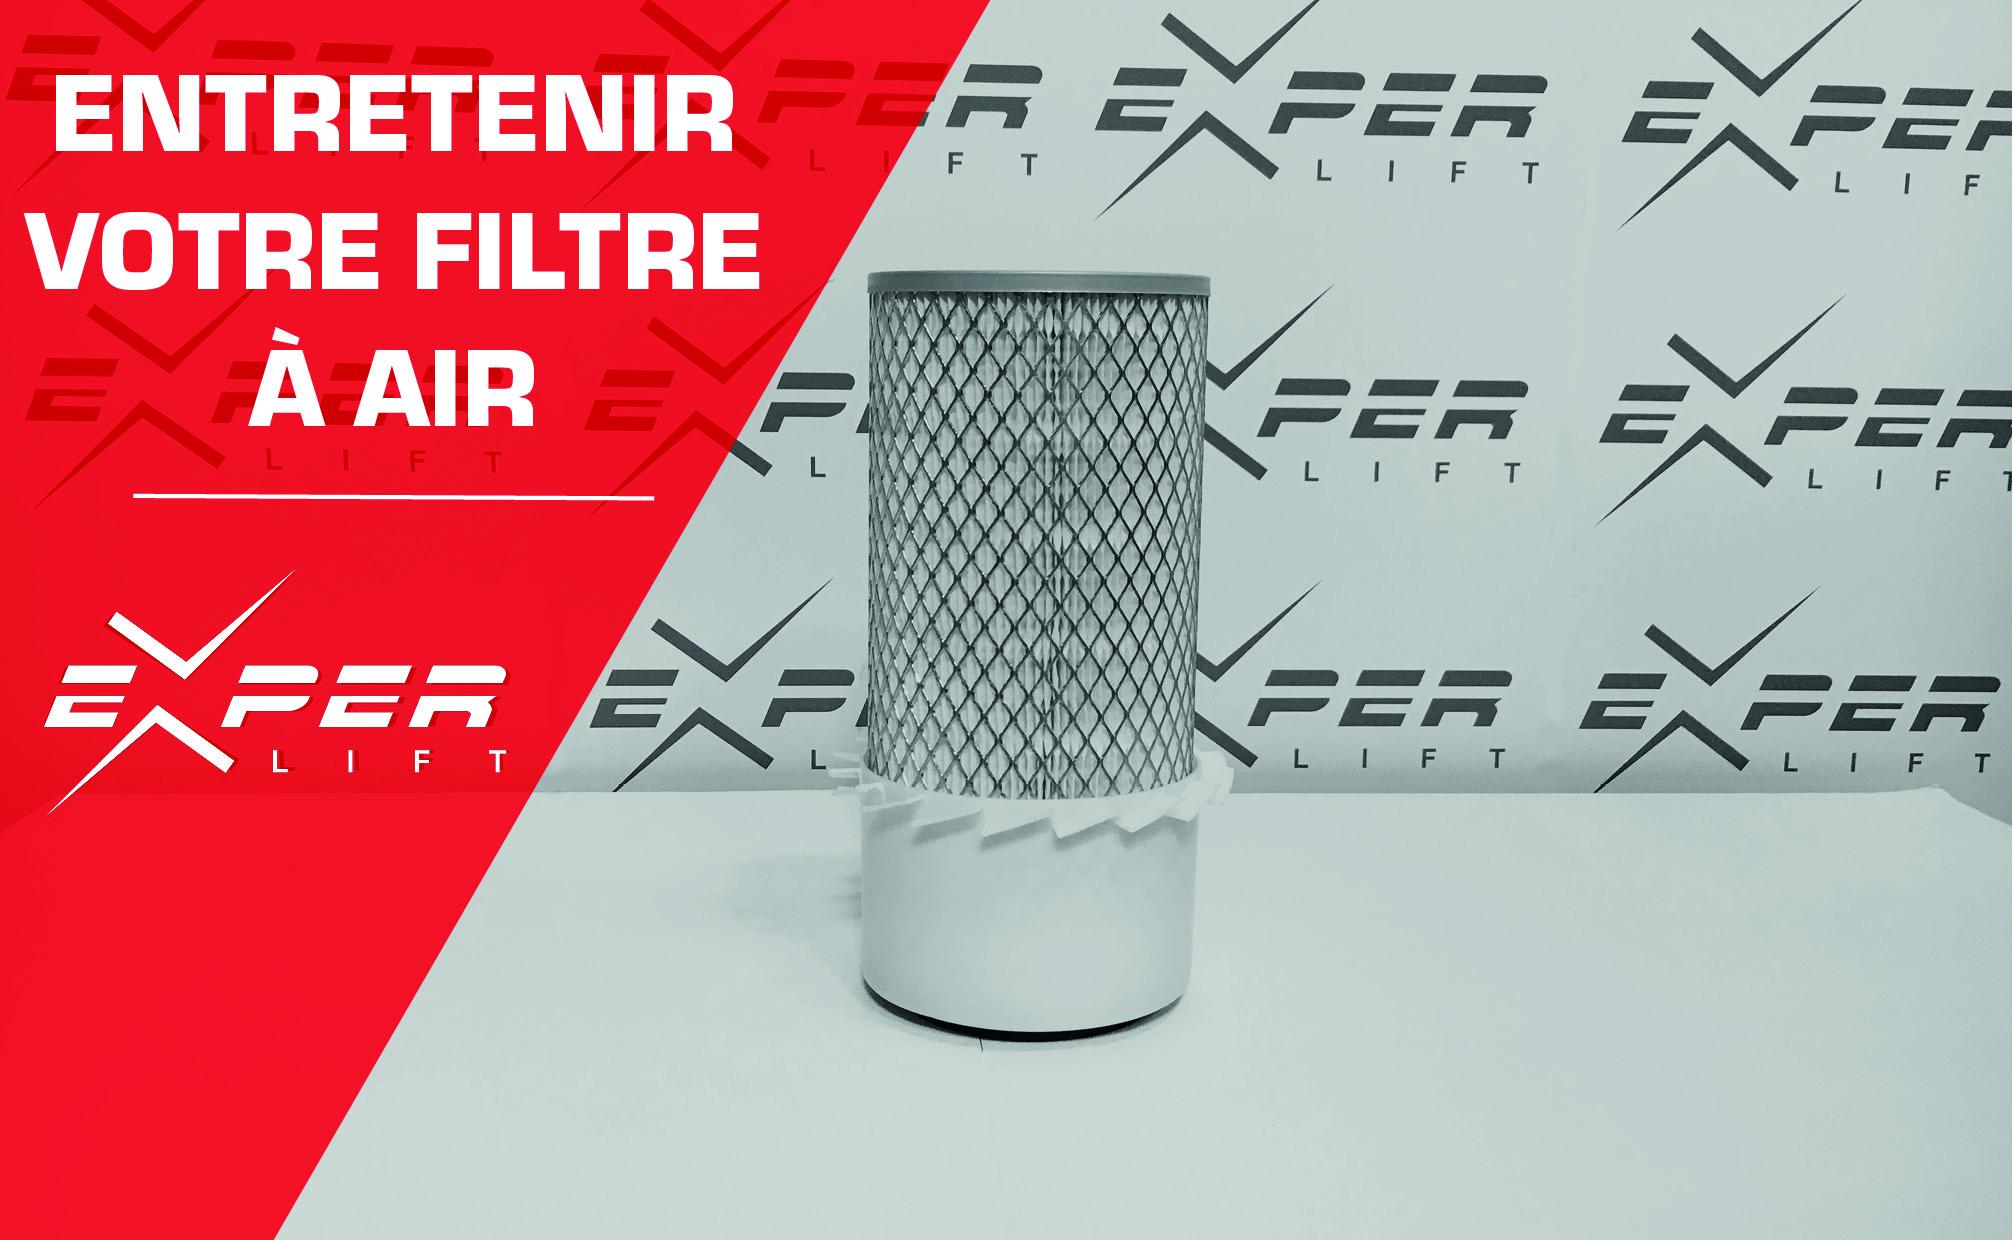 Entretenir le filtre à air de votre matériel, un indispensable !